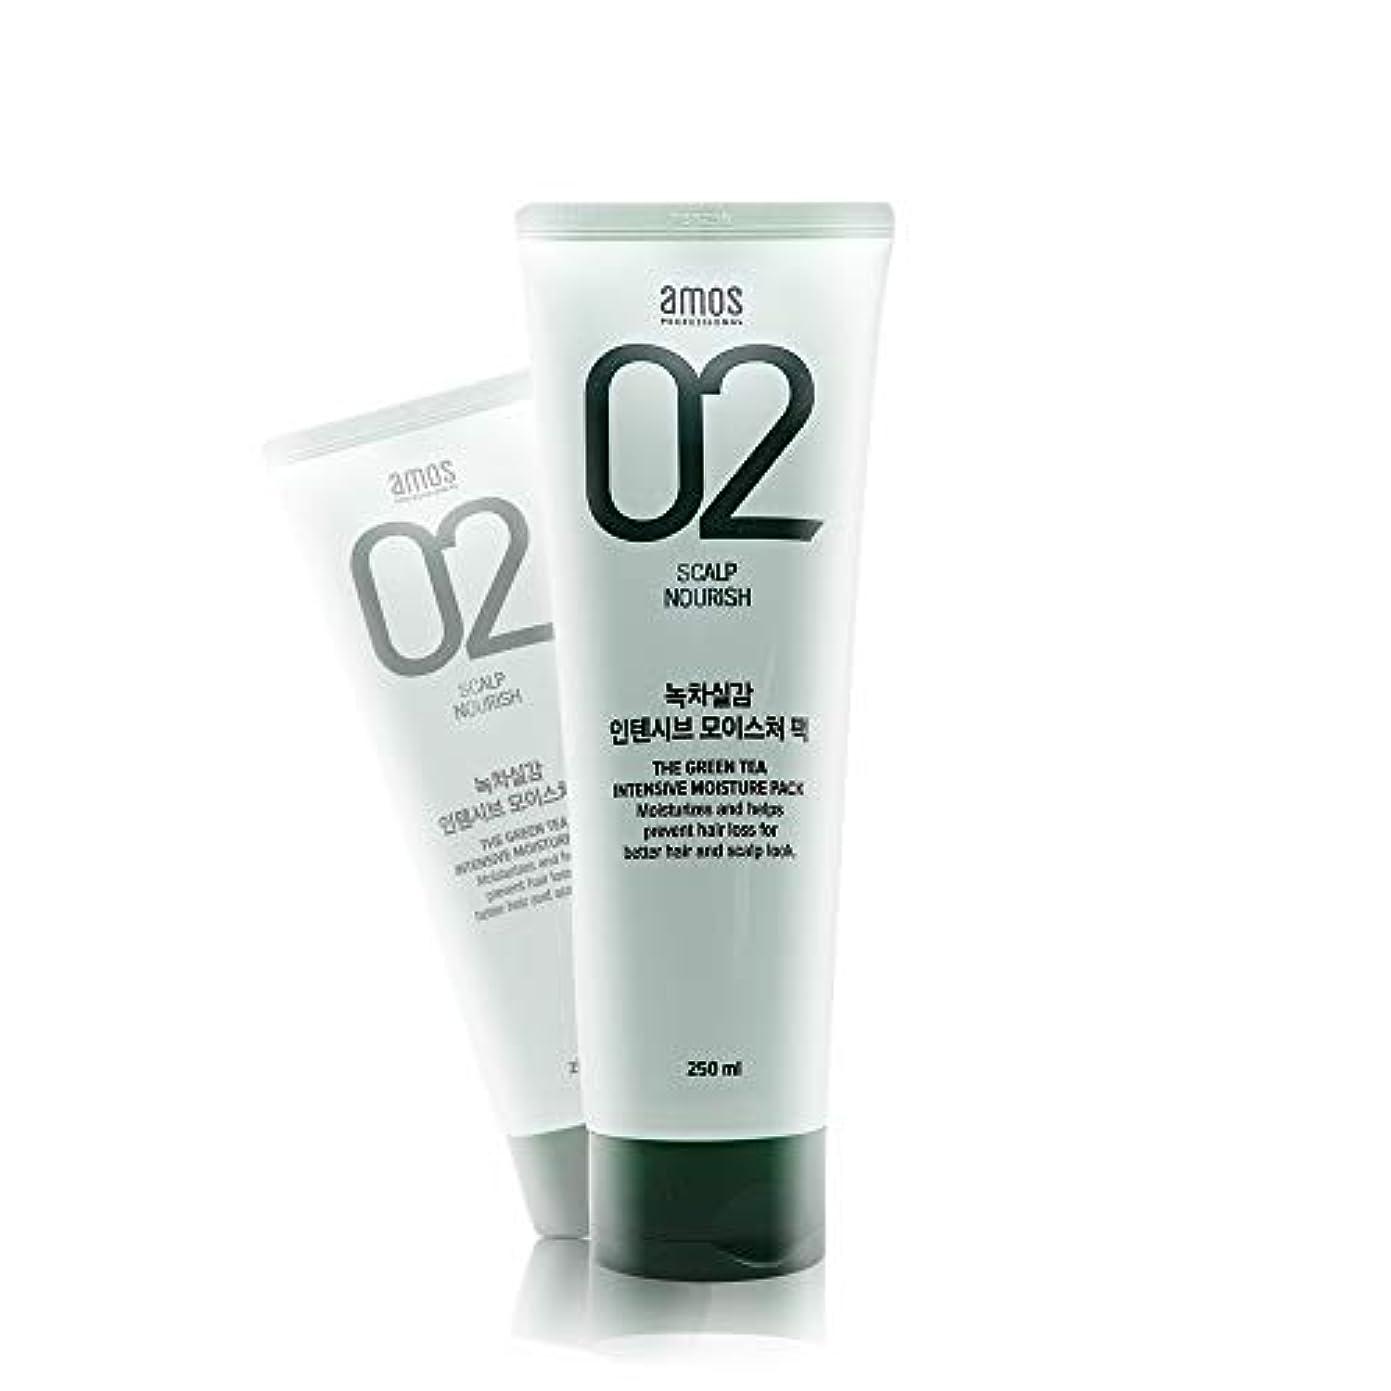 出しますフェードアウトショッピングセンターアモス AMOS 緑茶実感インテンシブモイスチャーパック 250g, Feel the Green Tea Intensive Moisture Hair Pack